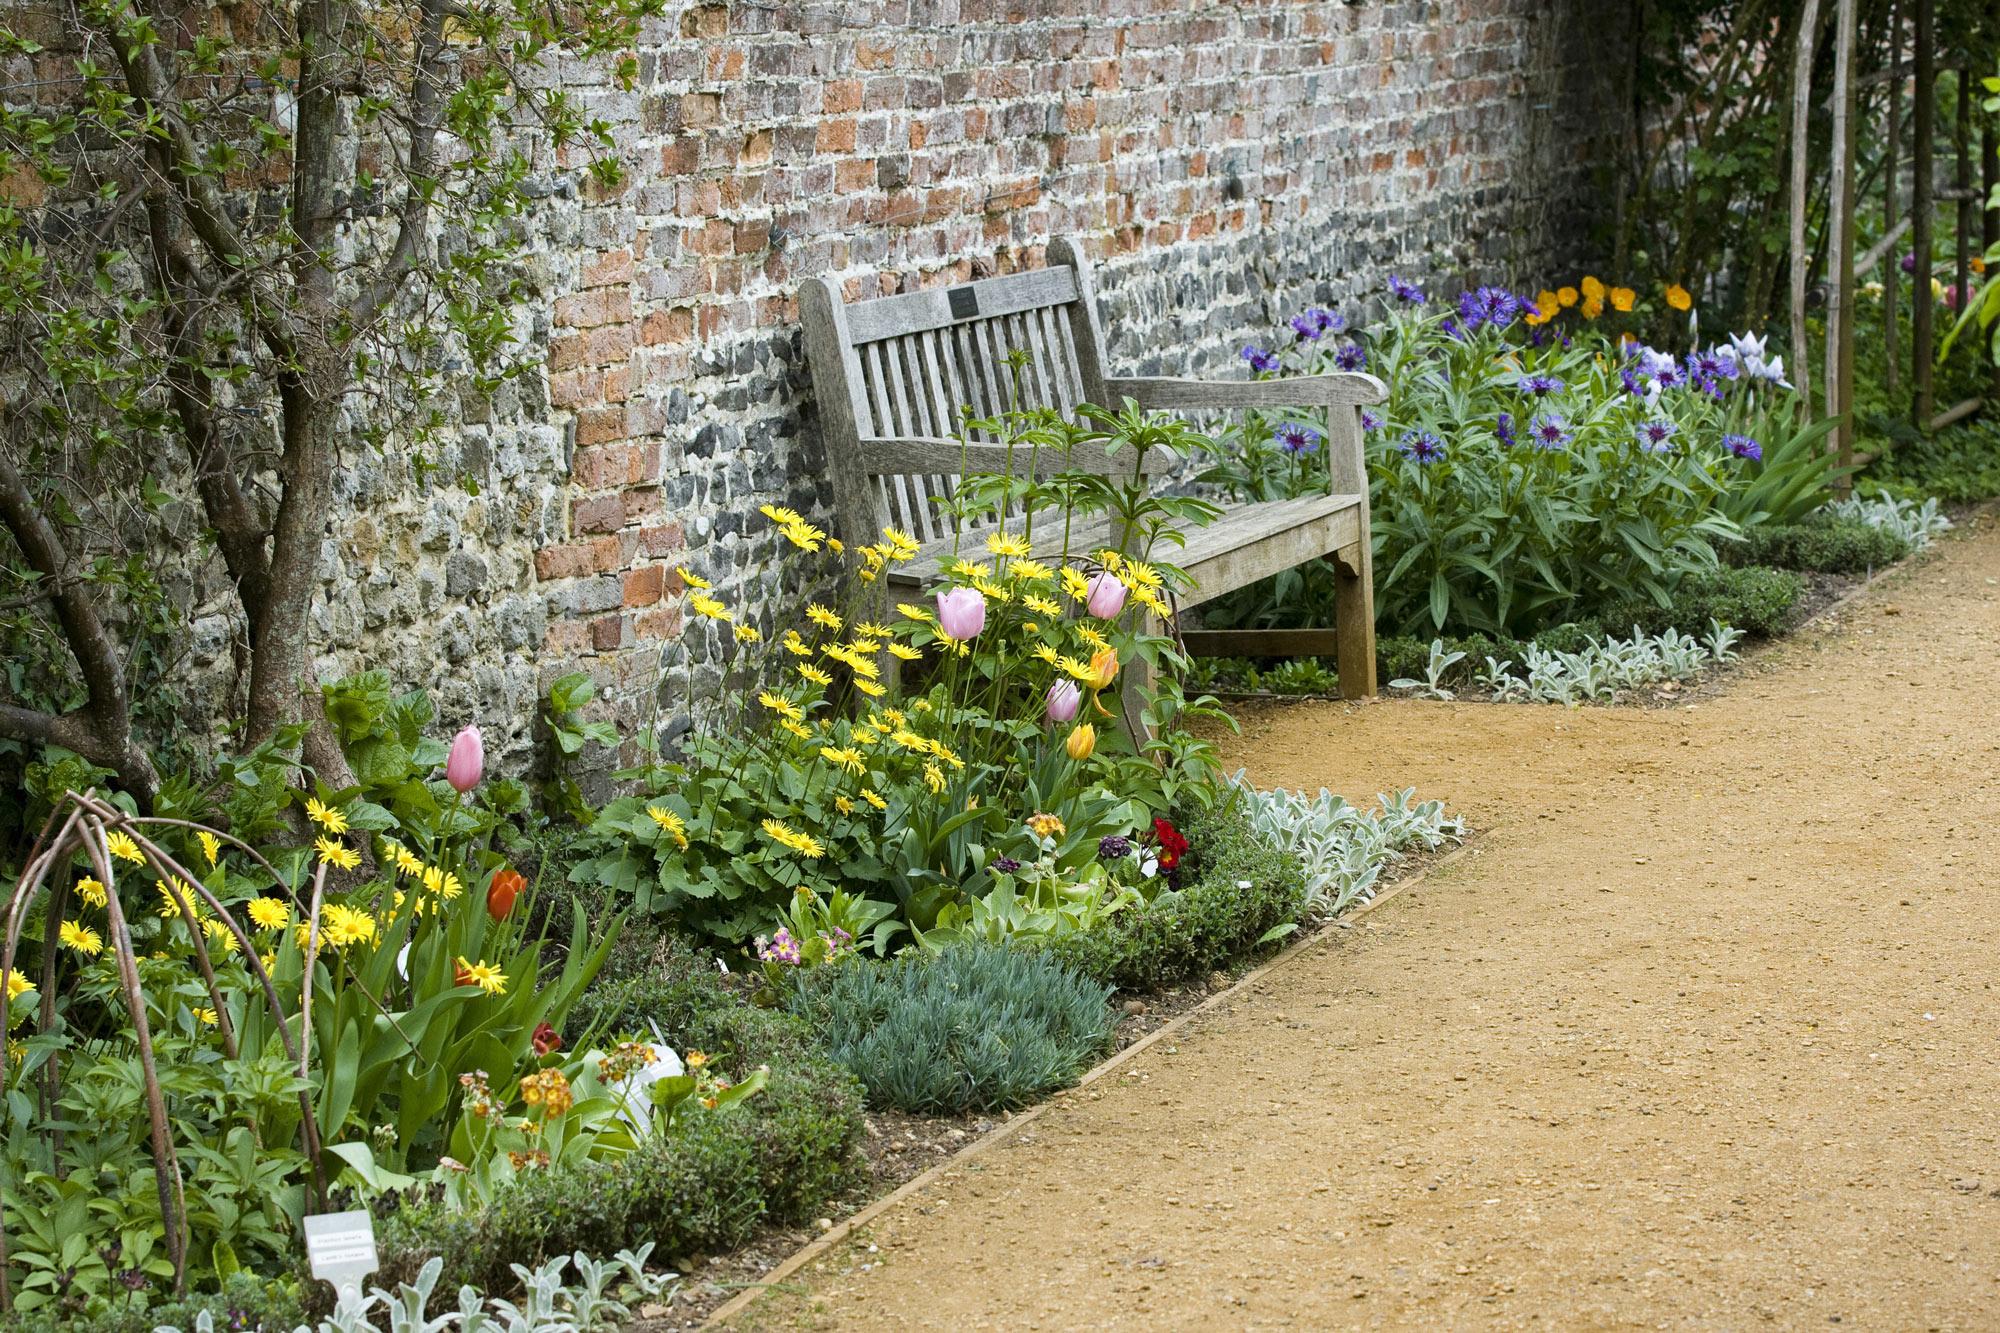 landscape and garden design wonderful gardens